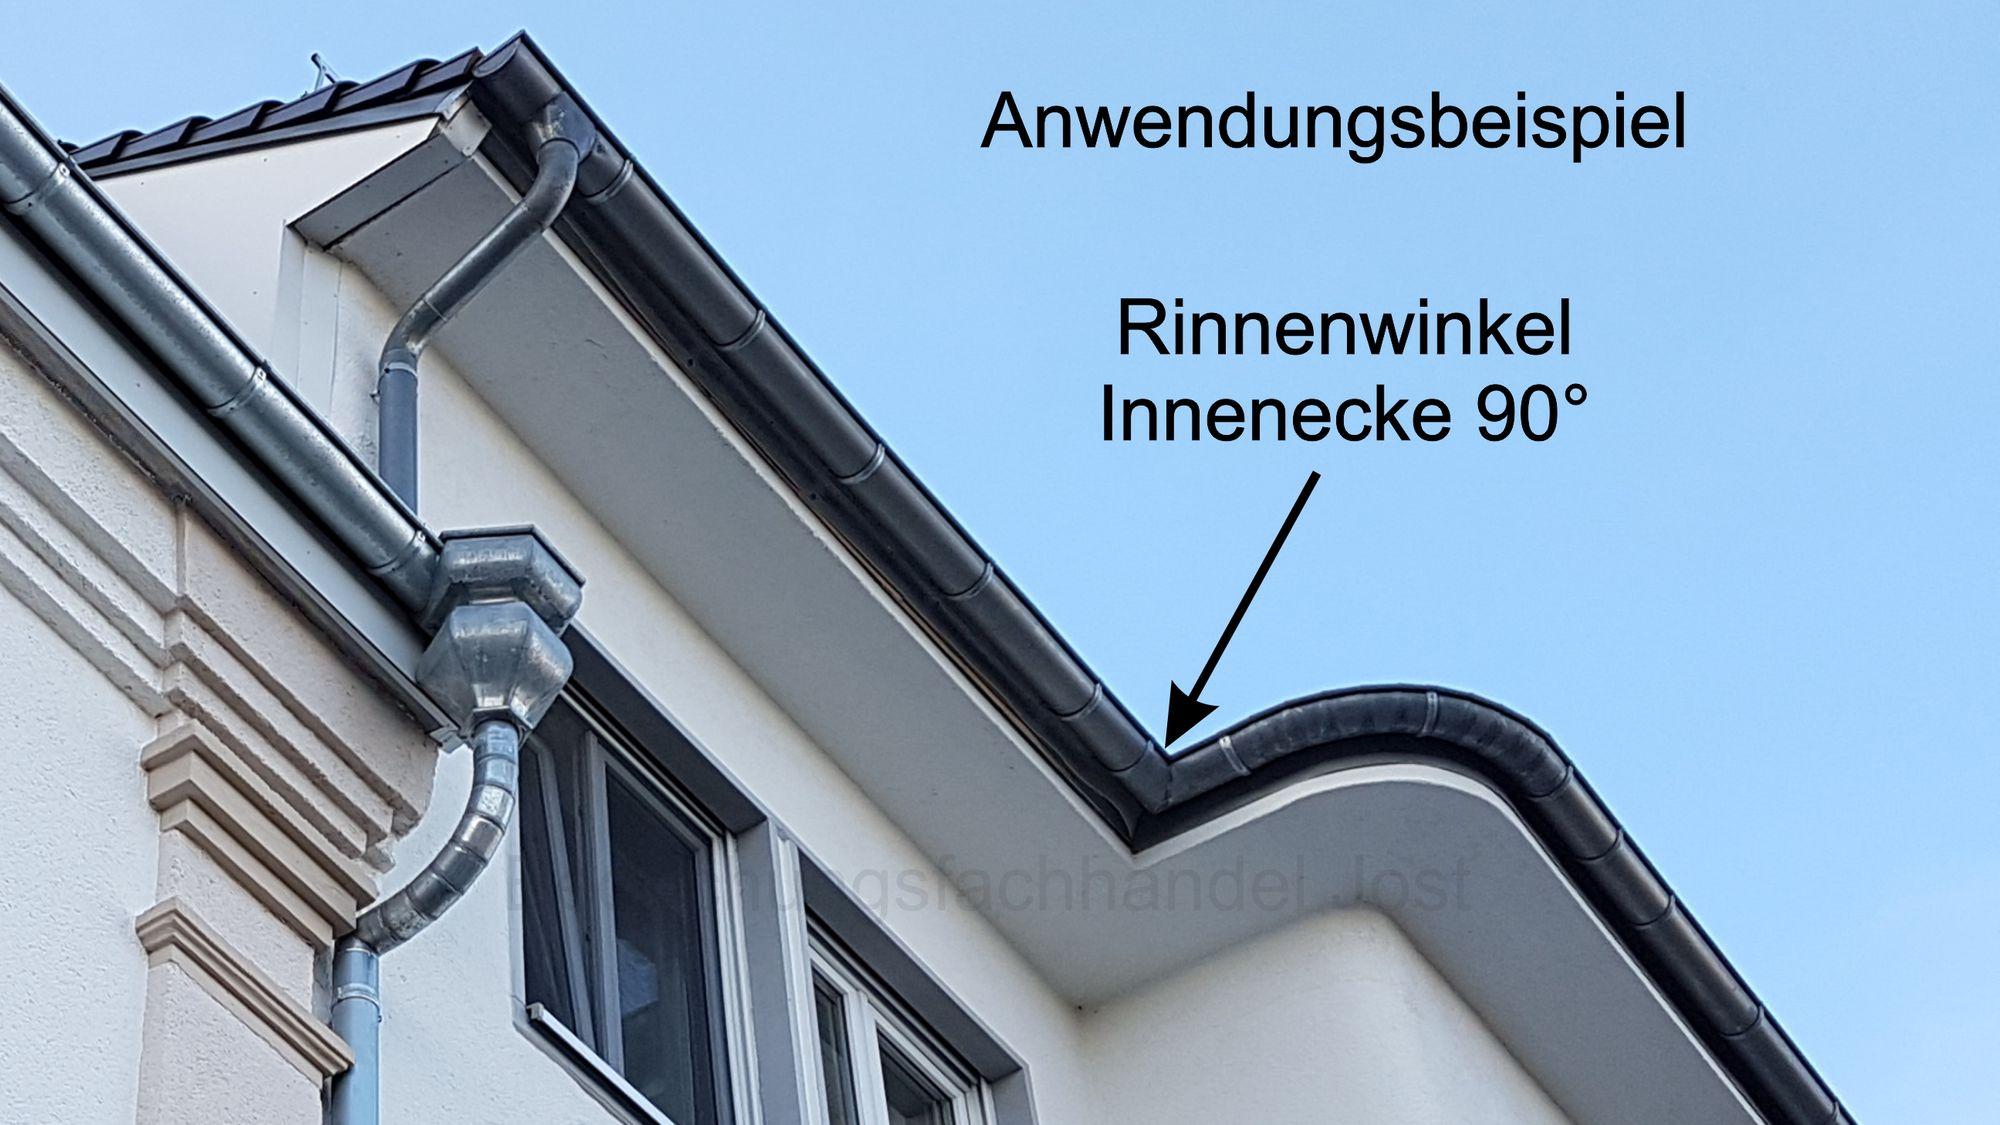 zink rinnenwinkel innen 6-tlg./333 dachrinne und fallrohre rinnenwinkel